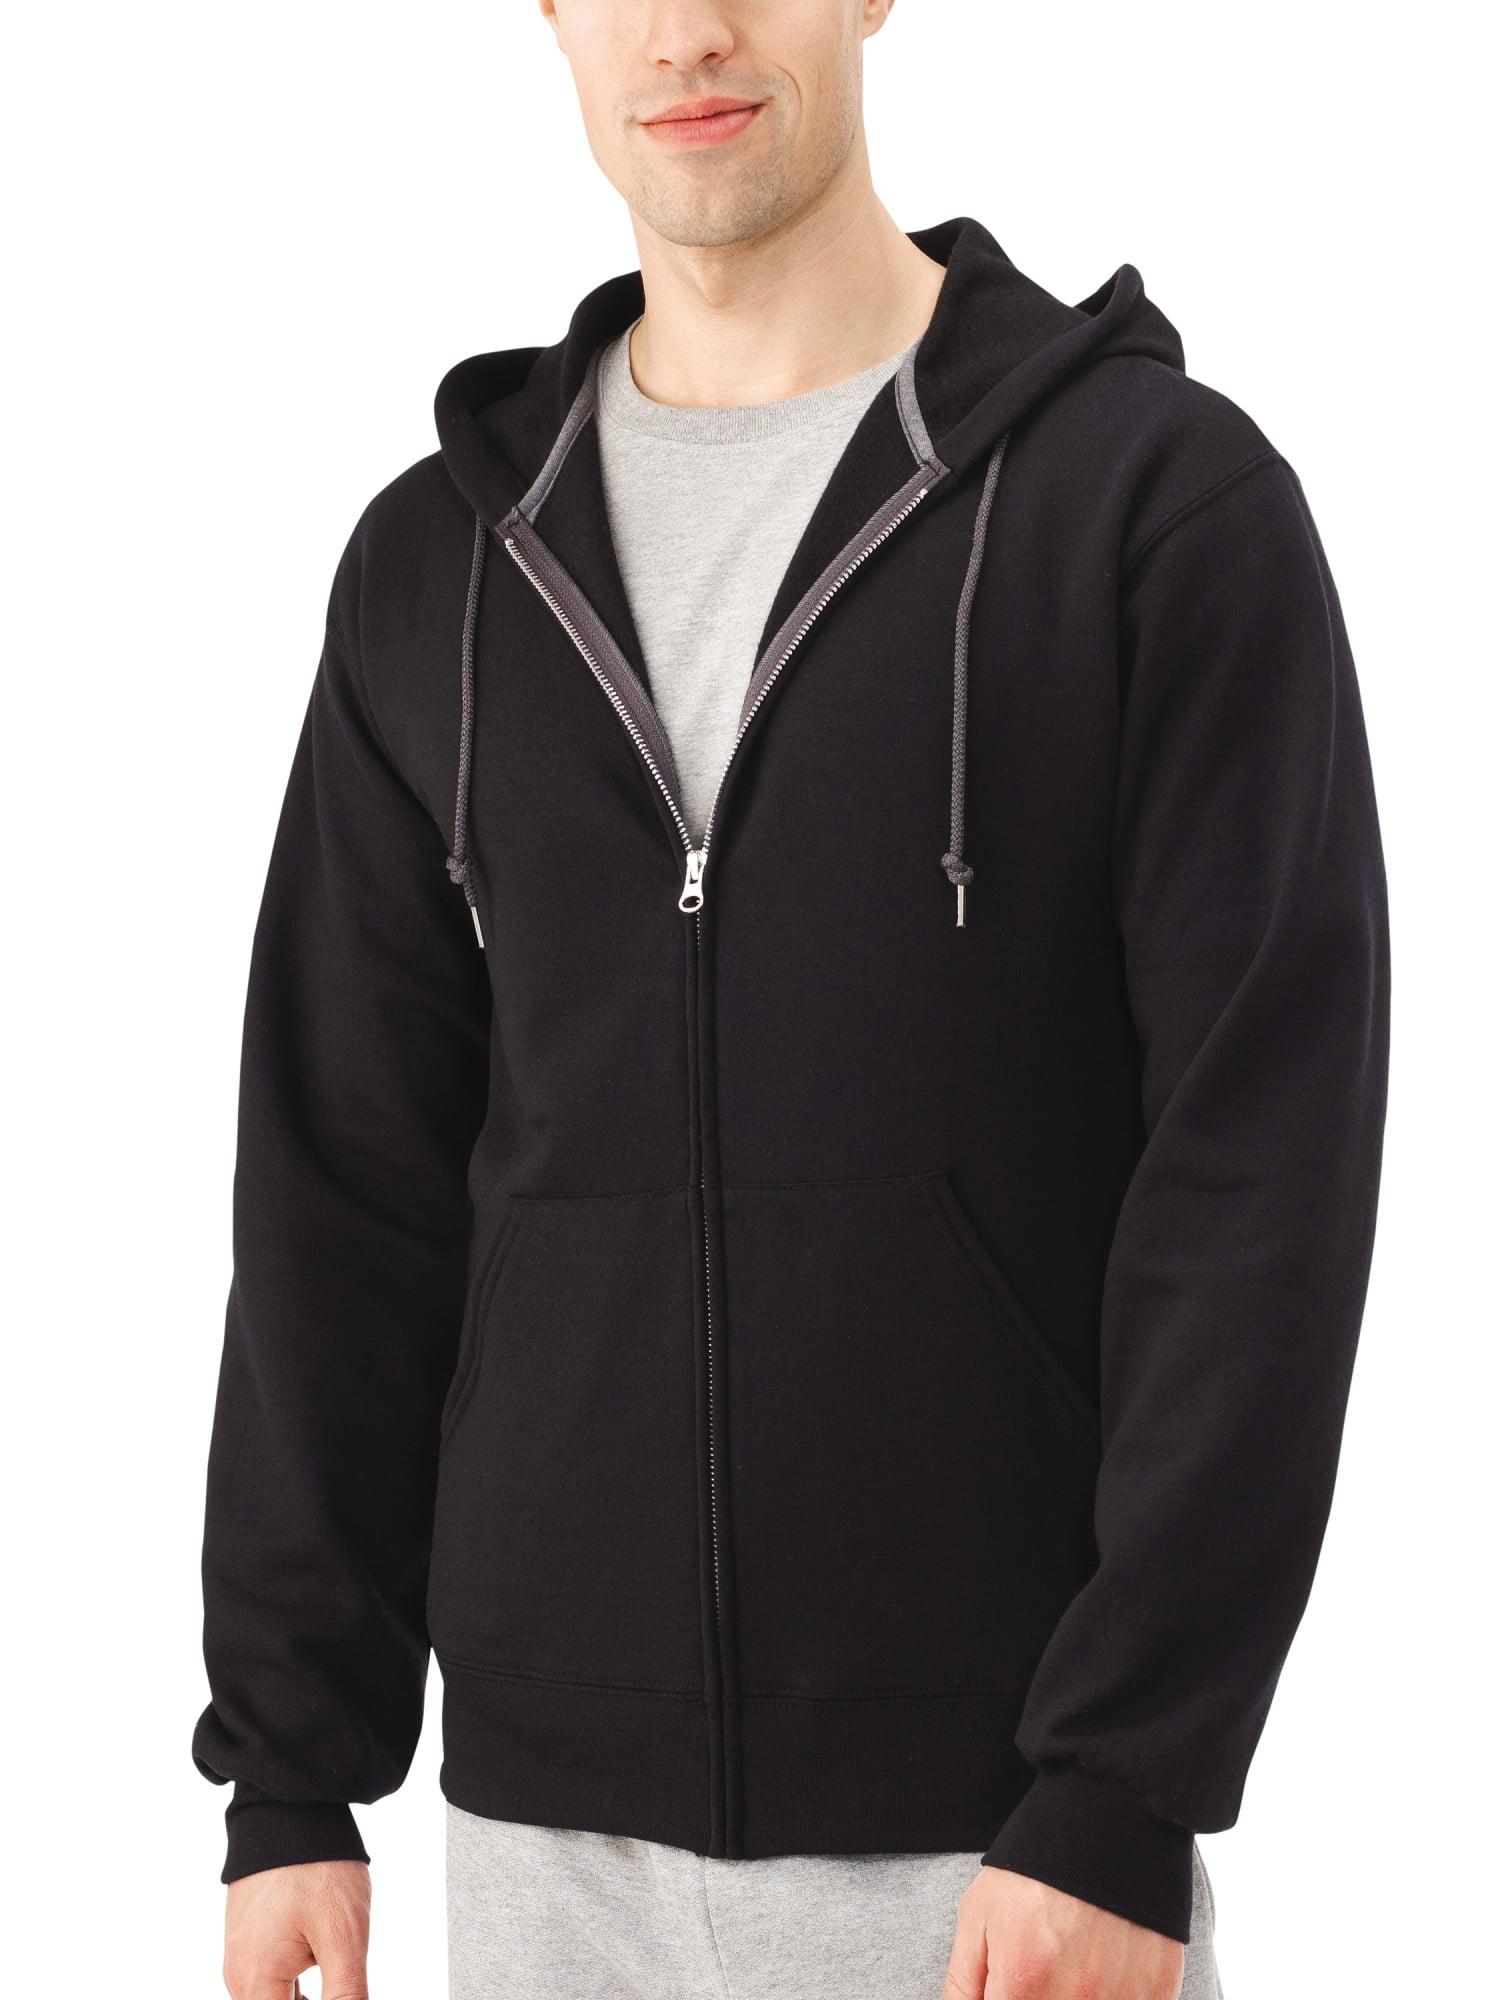 c4487cce Fruit of the Loom - Fruit of the Loom Men's Dual Defense EverSoft Fleece  Full Zip Hooded Sweatshirt - Walmart.com